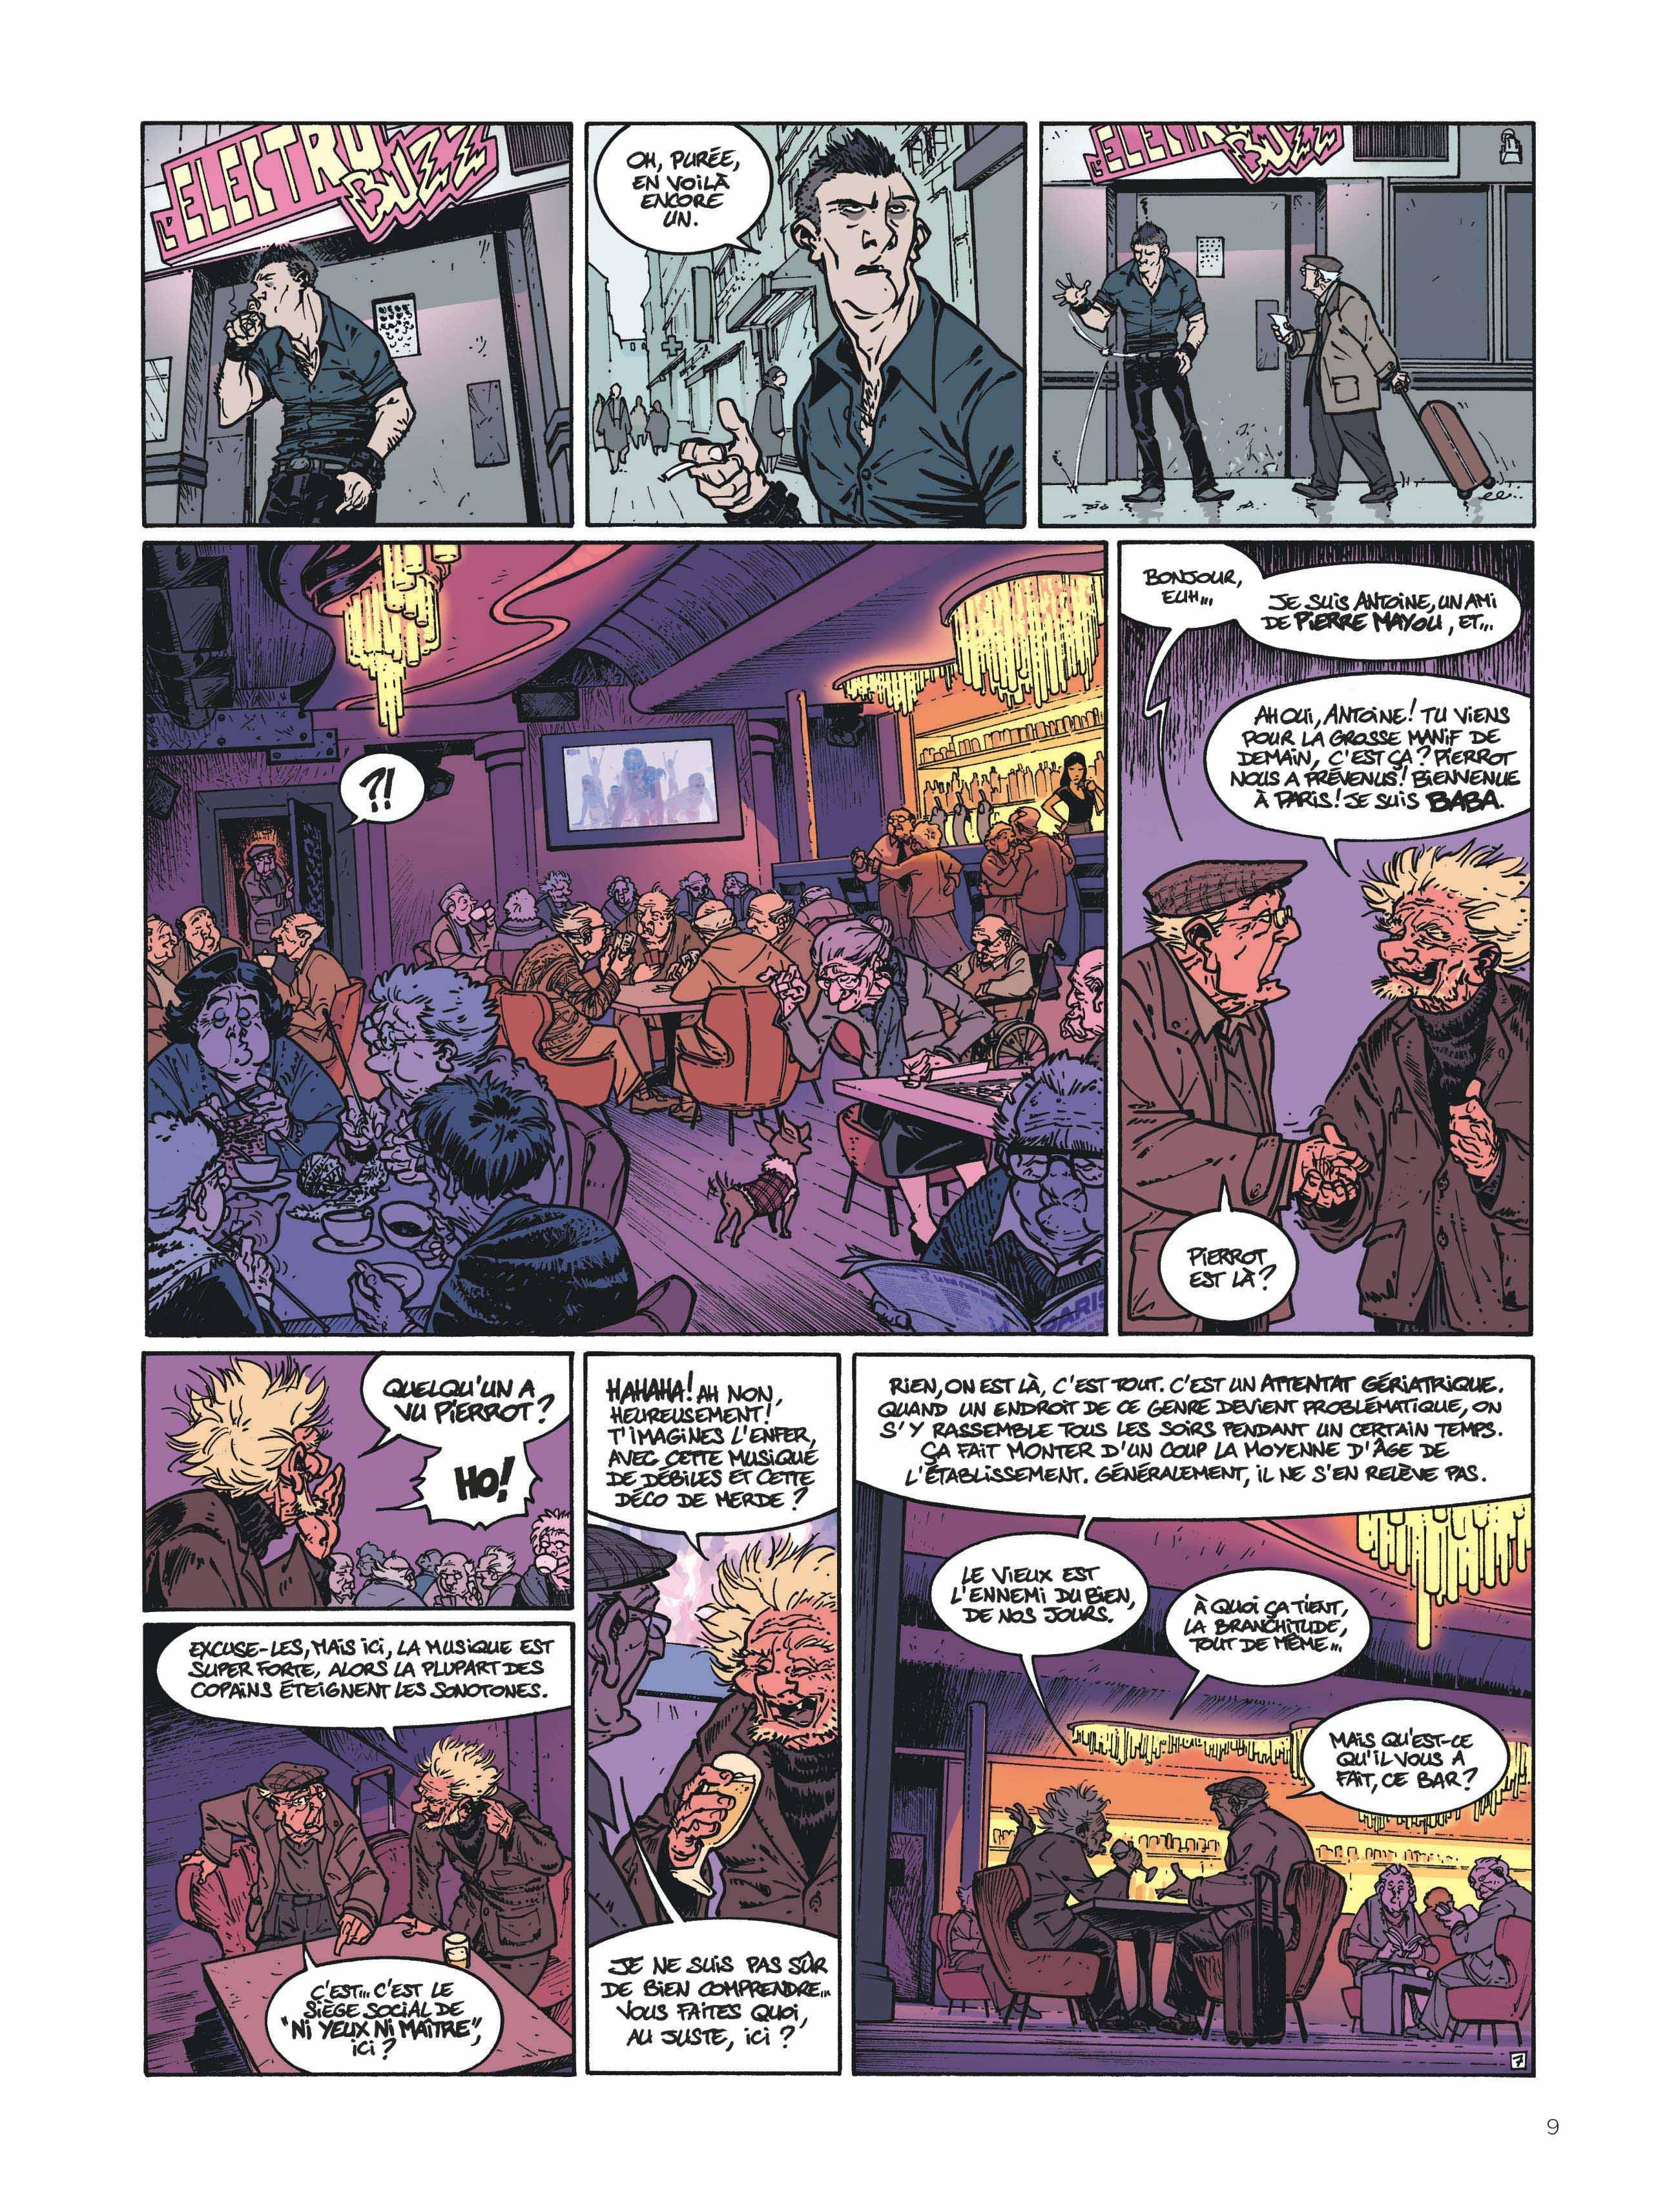 Les Vieux fourneaux #2 Page 9